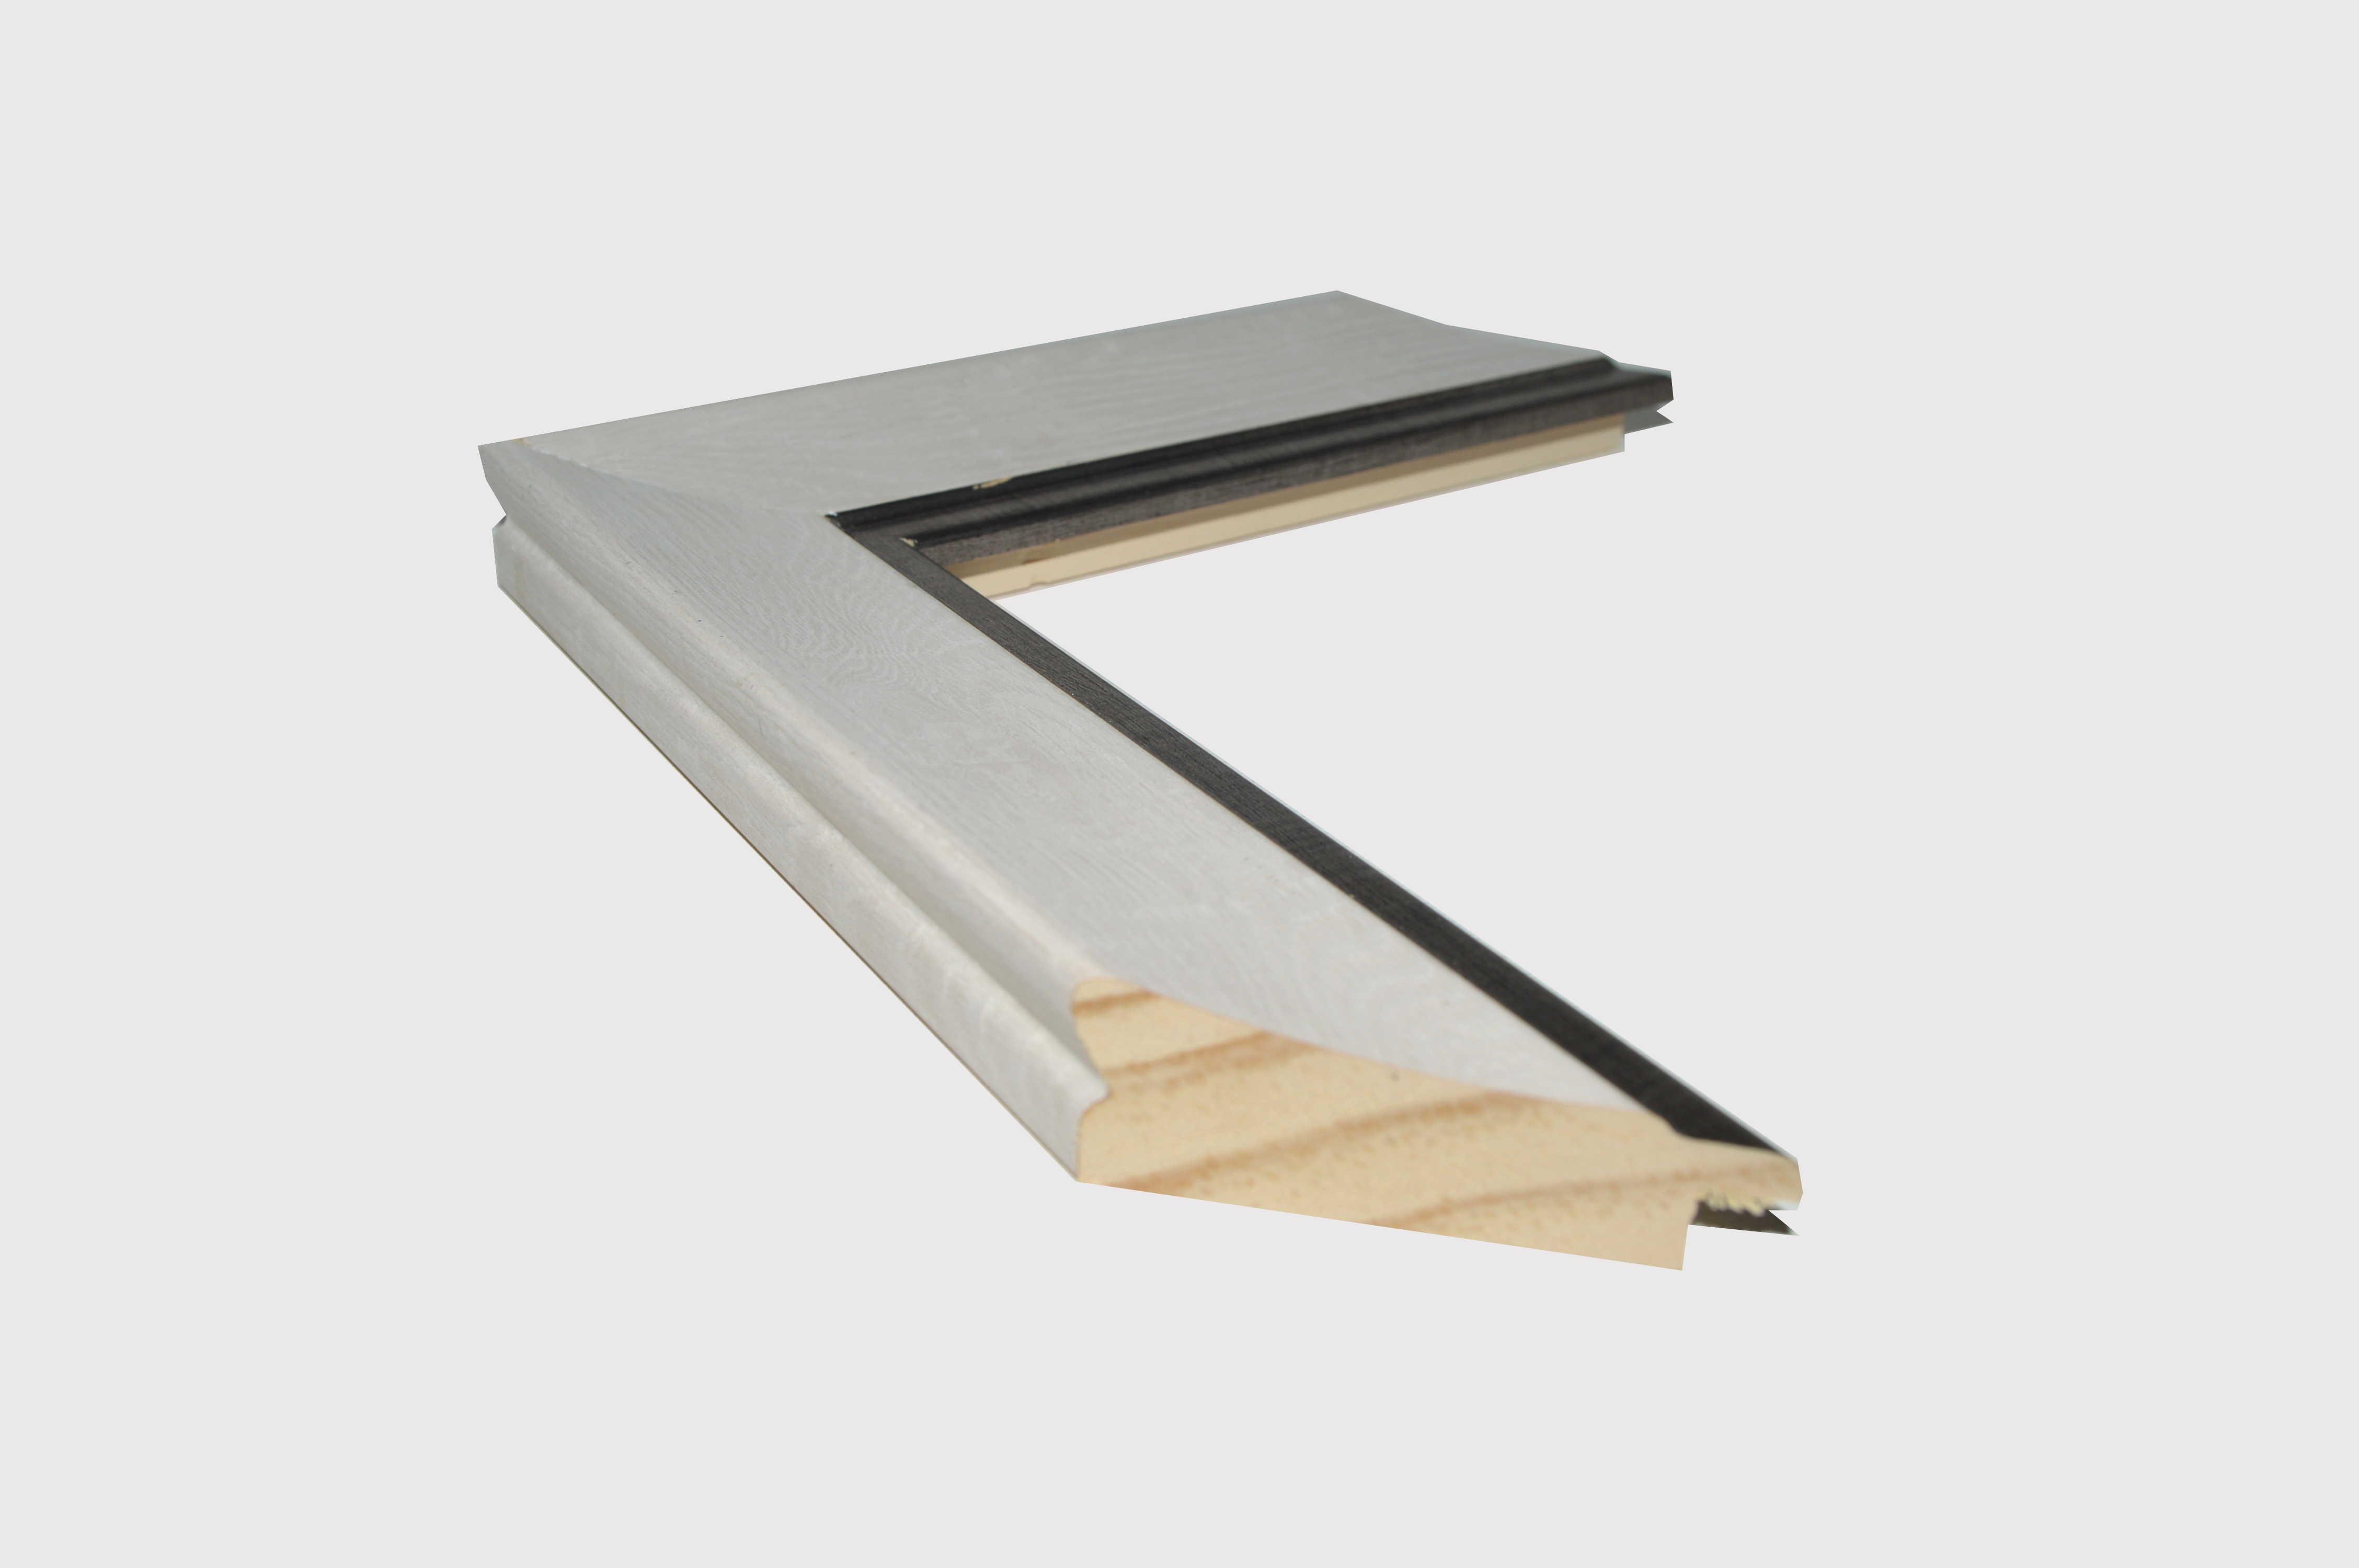 00922-170-BLANCO-ancho4.4cm-perfil